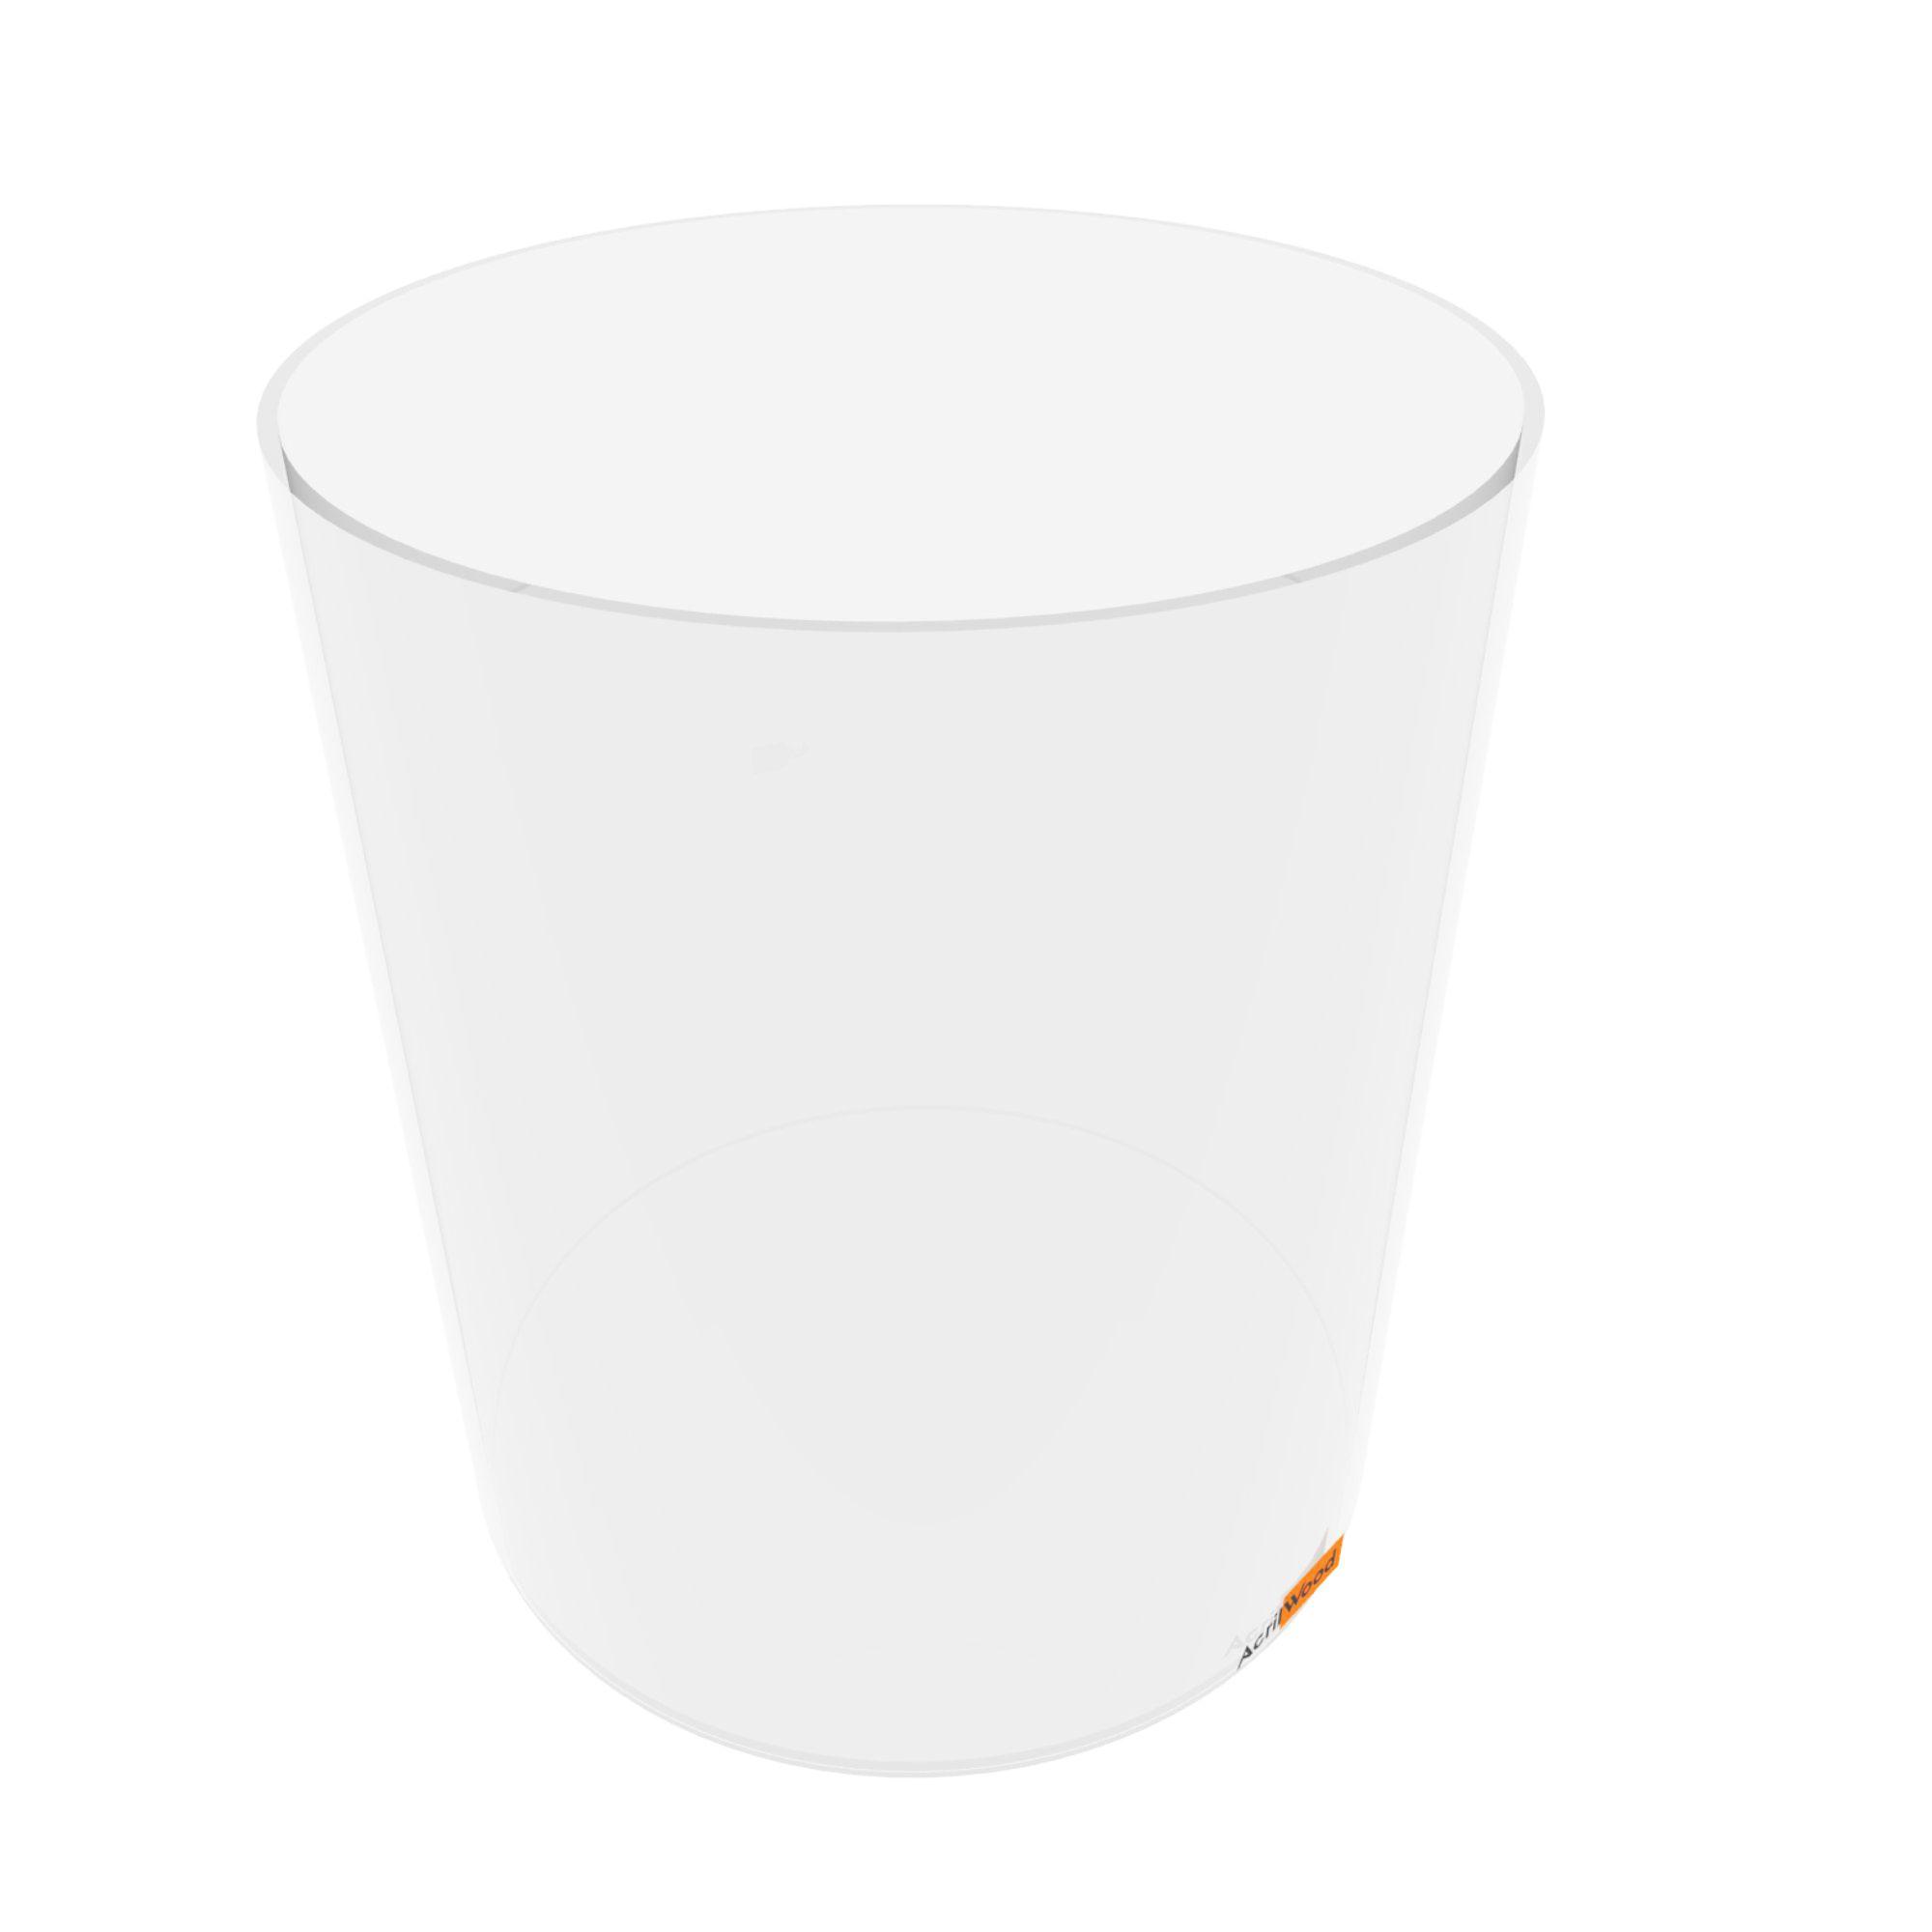 Pote Redondo Em Acrílico Cristal Para Alimentos - 25x30cm